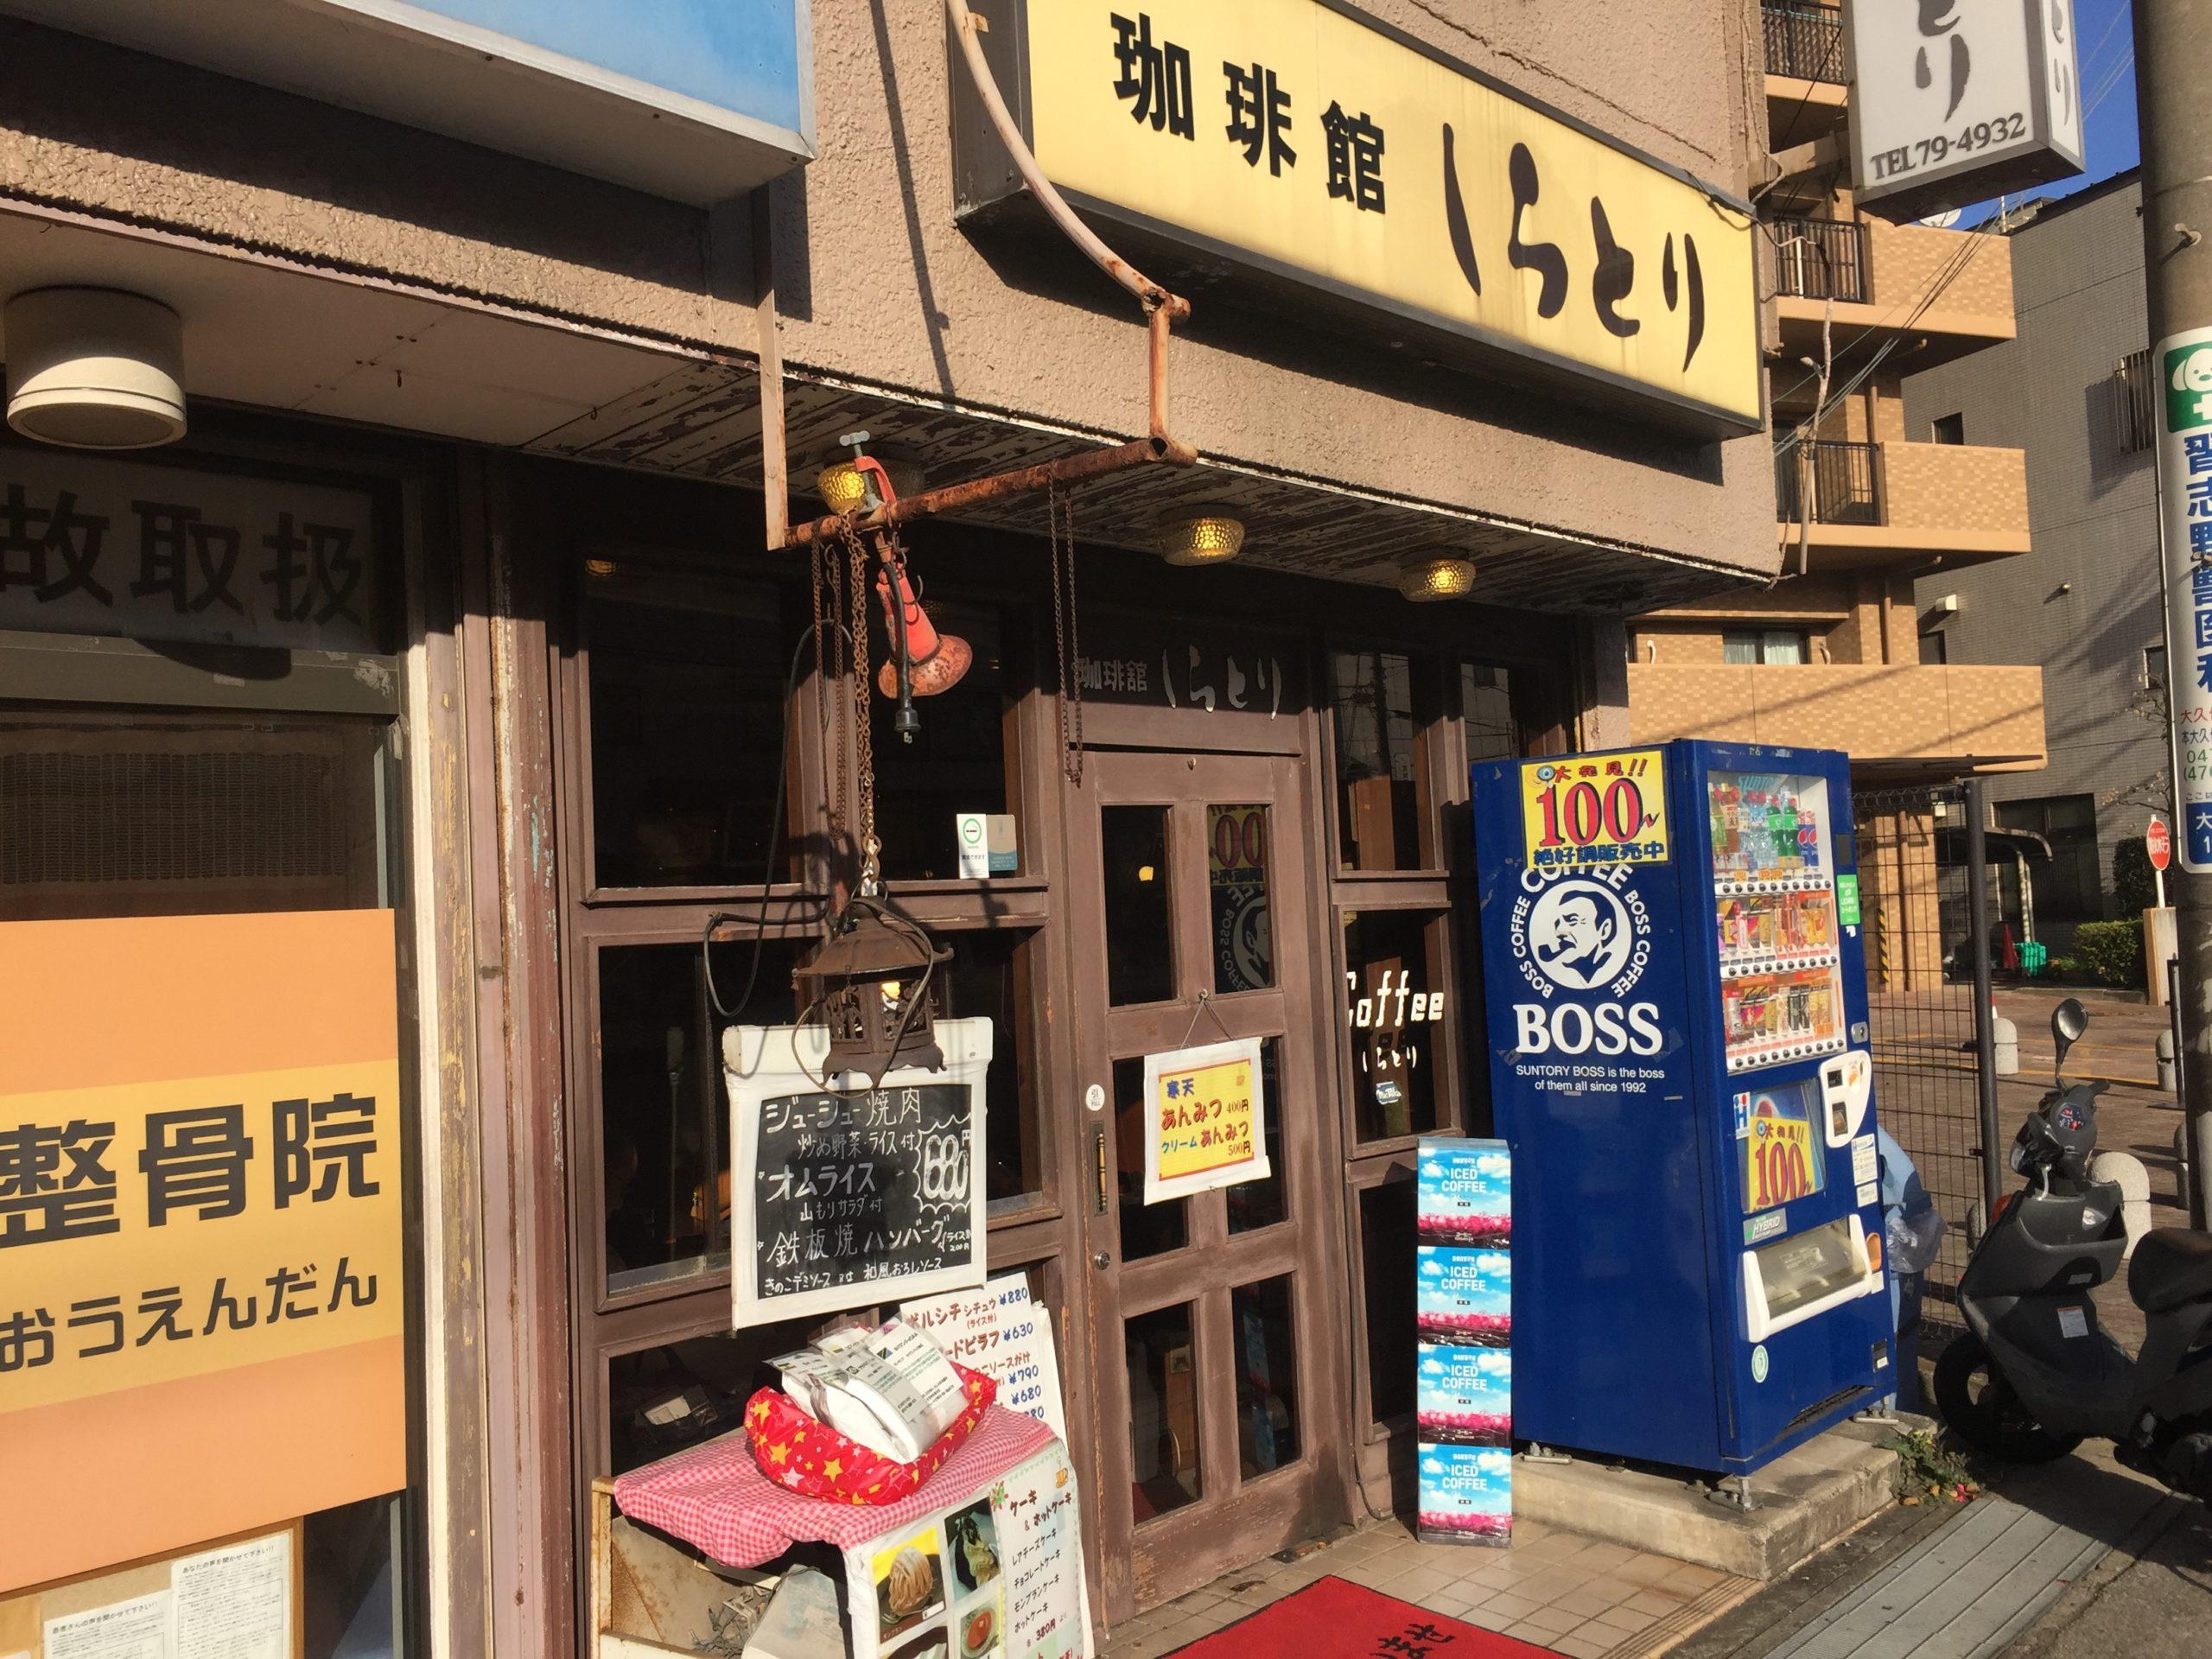 京成大久保駅 打ち合わせカフェ 珈琲館 しらとり